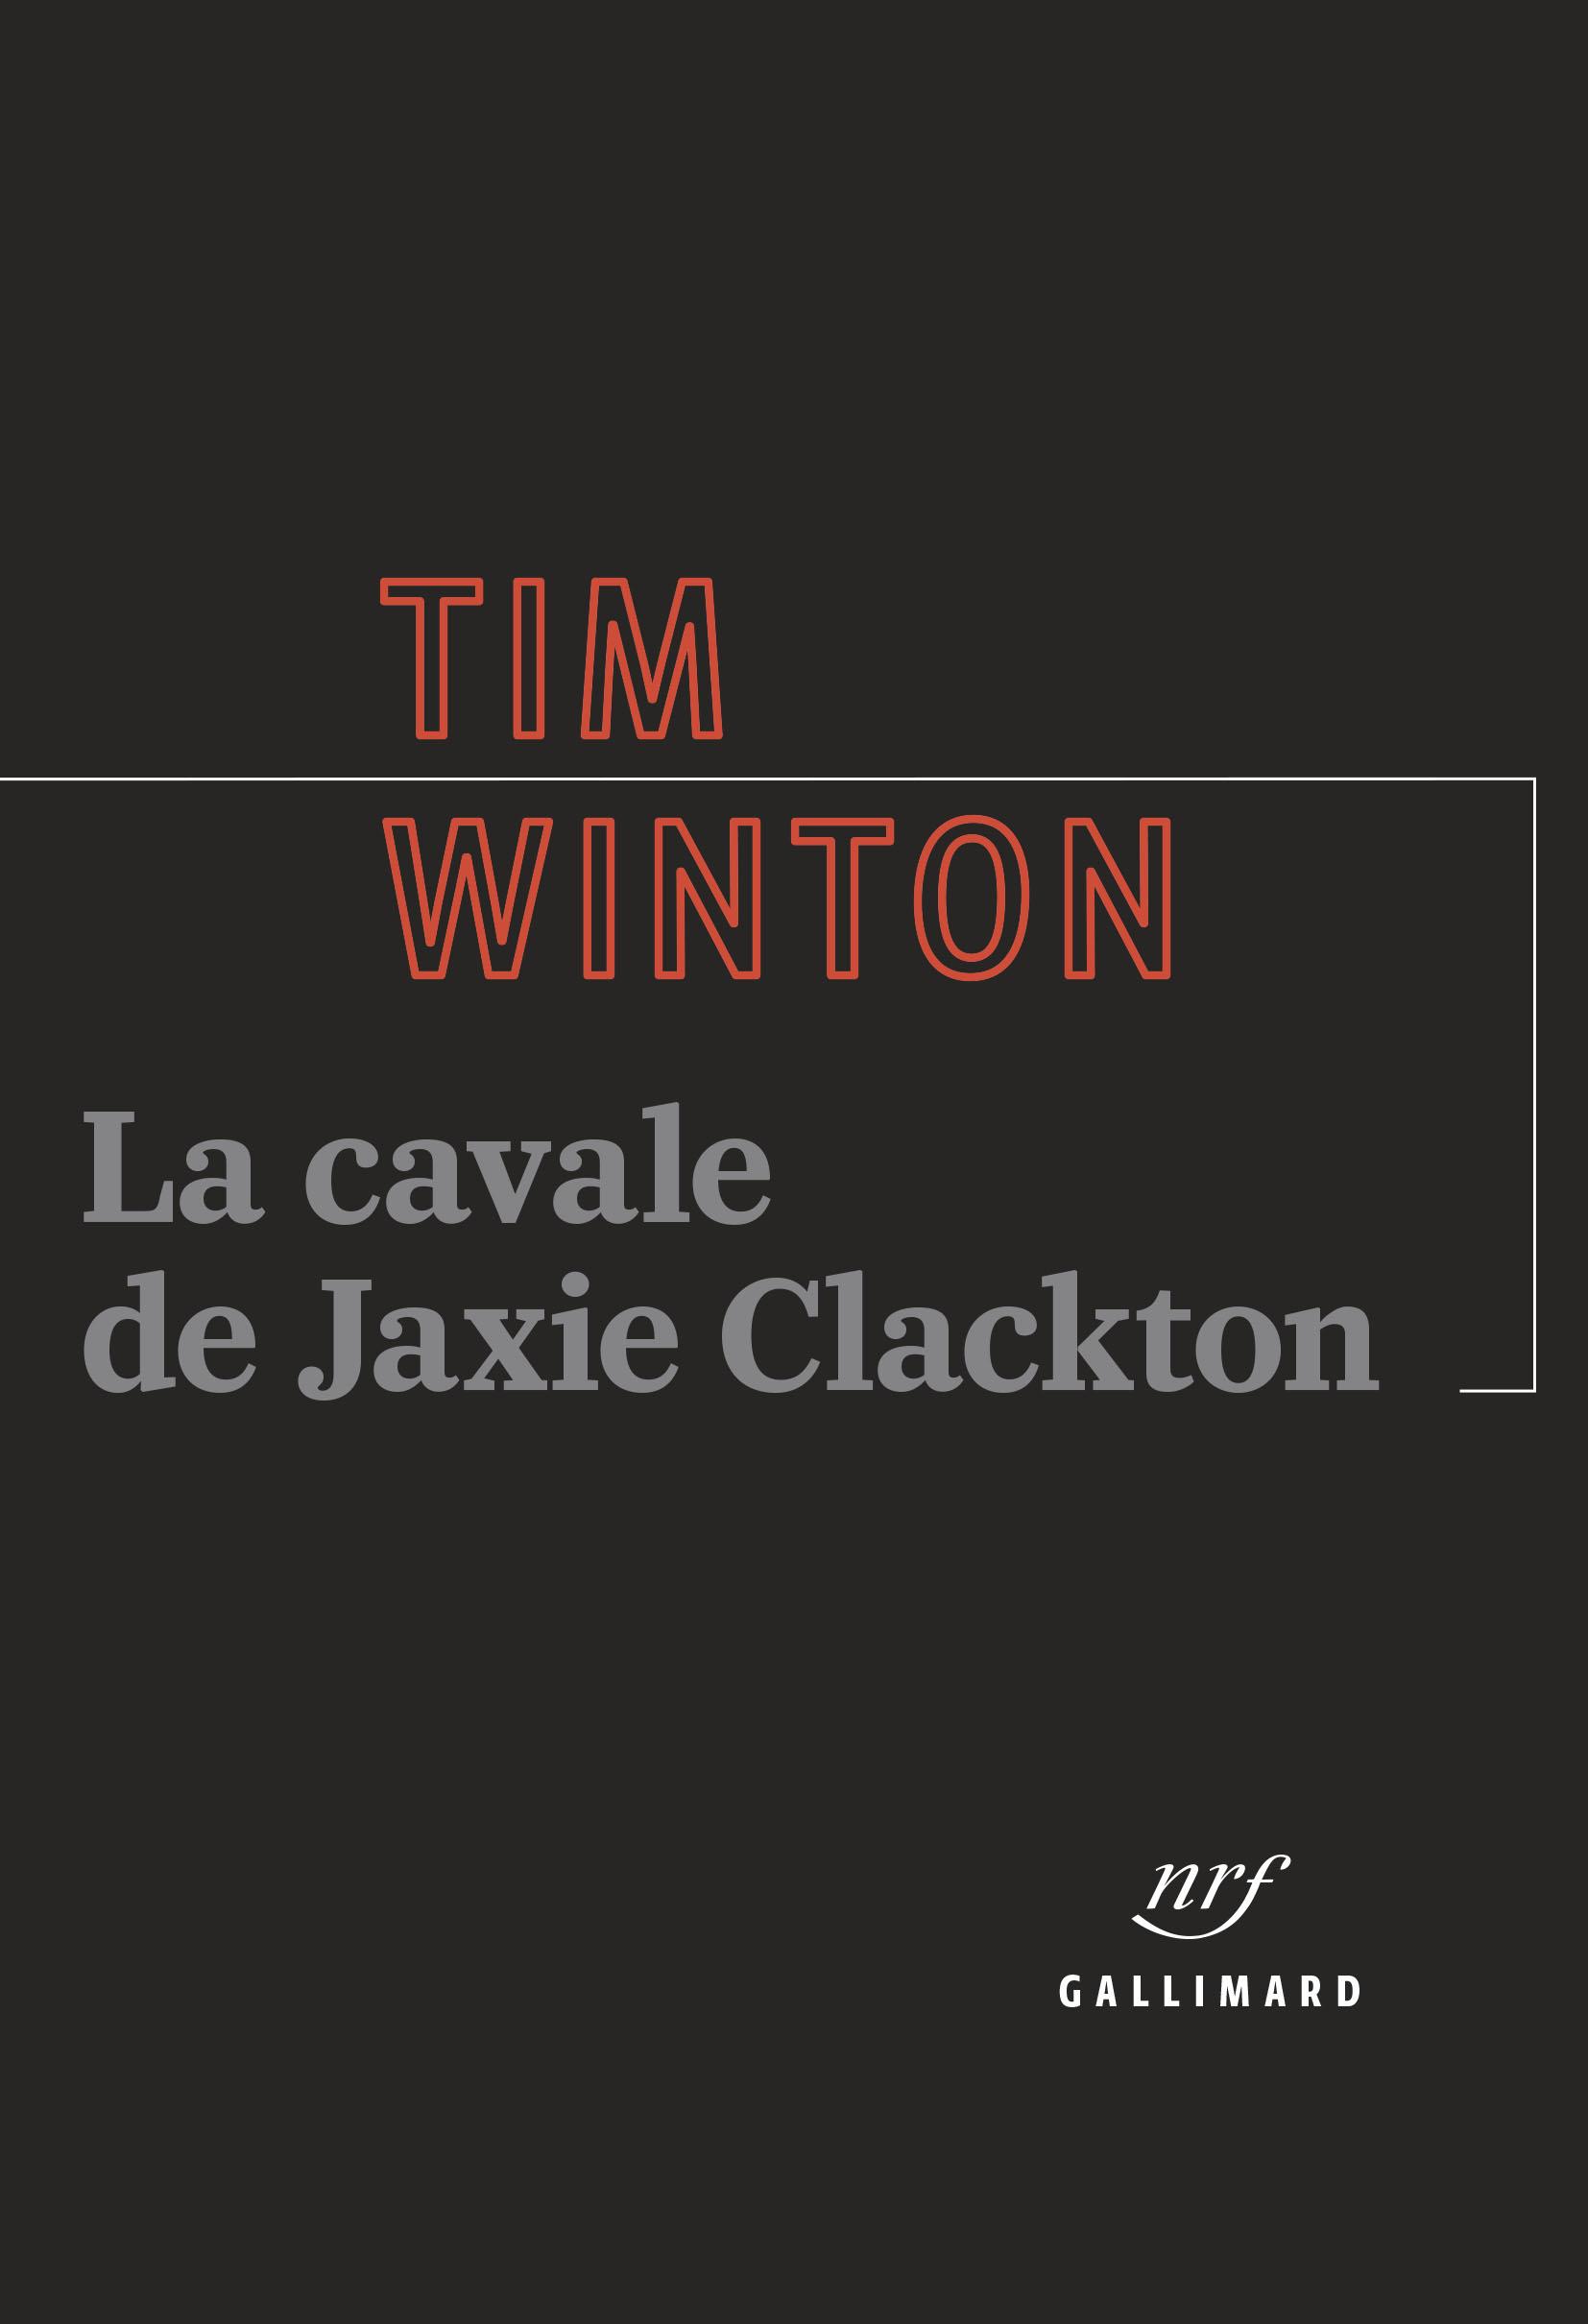 Couverture intégralement noire, le nom de l'auteur sur deux lignes en rouge, et titre sur deux ligne en caractères gras gris.